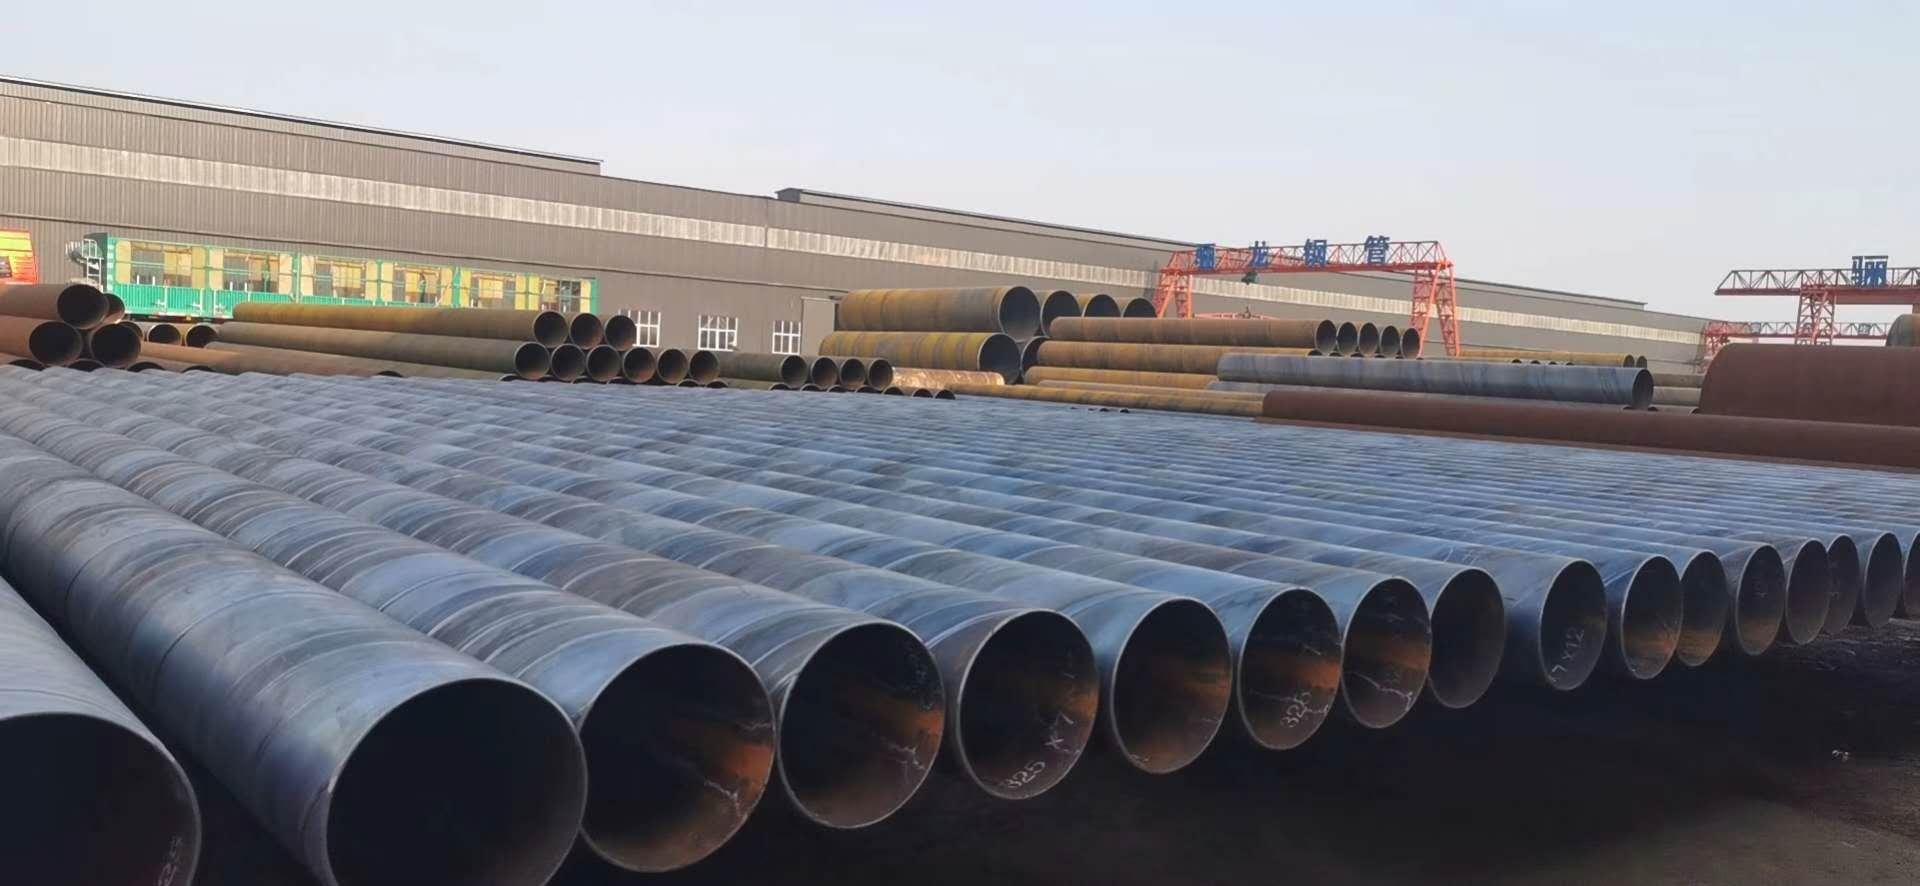 定边外径2820螺旋焊管汕头市厂家地址-友浩管道